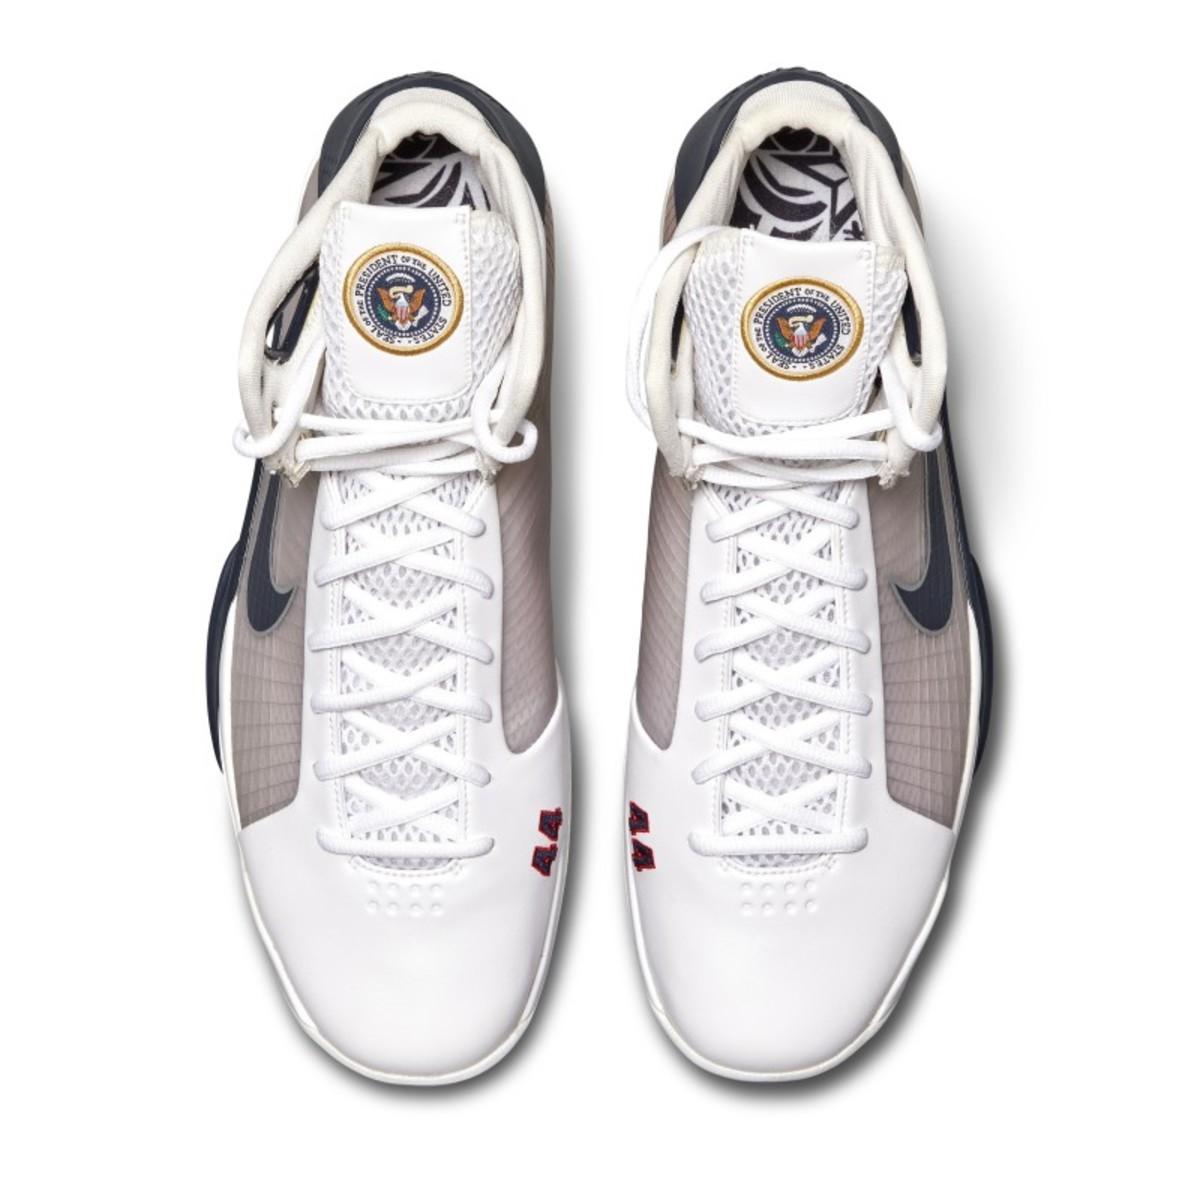 Obama basketball shoes